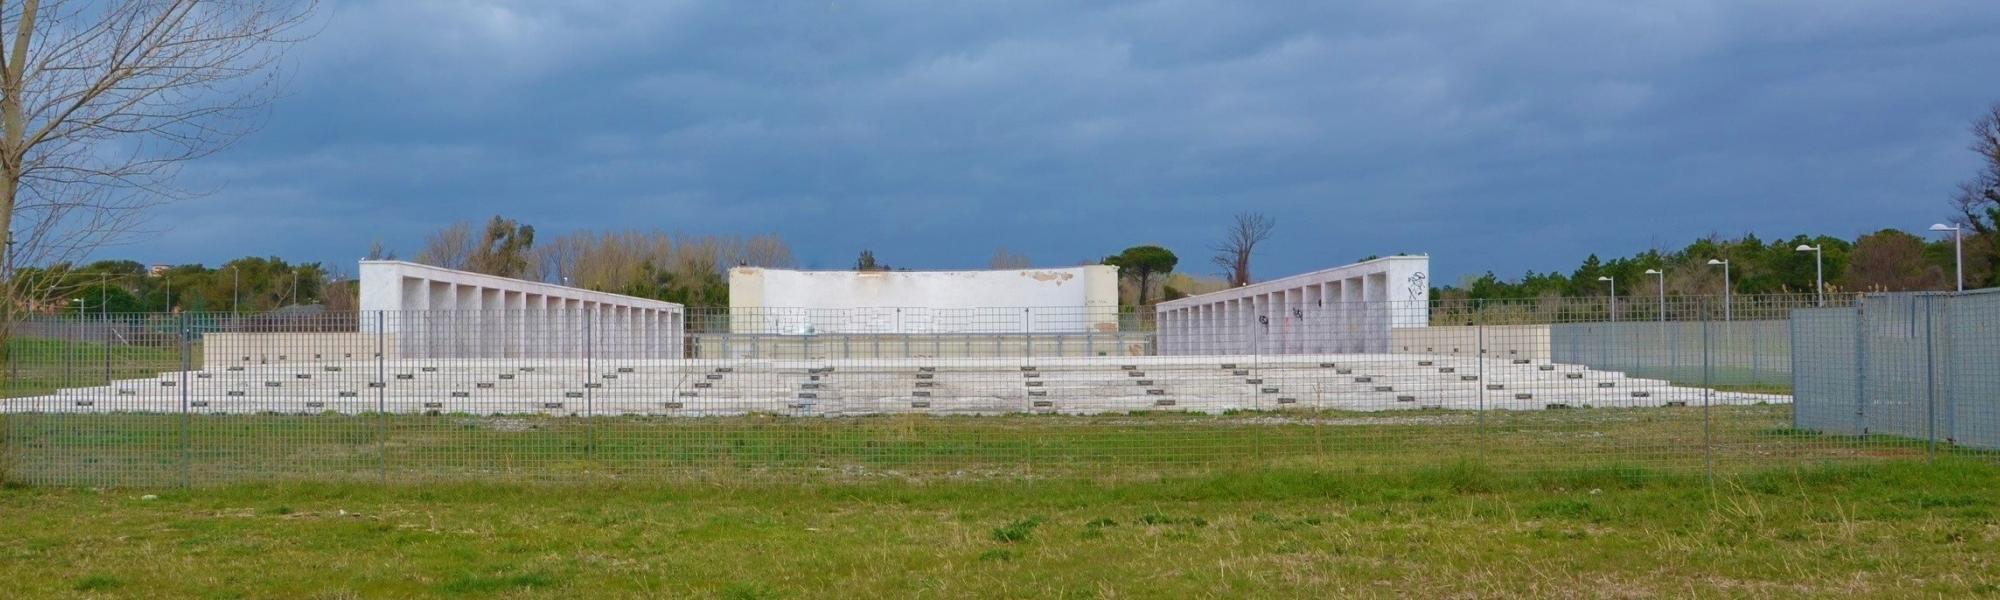 Teatro di Calambrone (L. Corevi, Comune di Pisa)